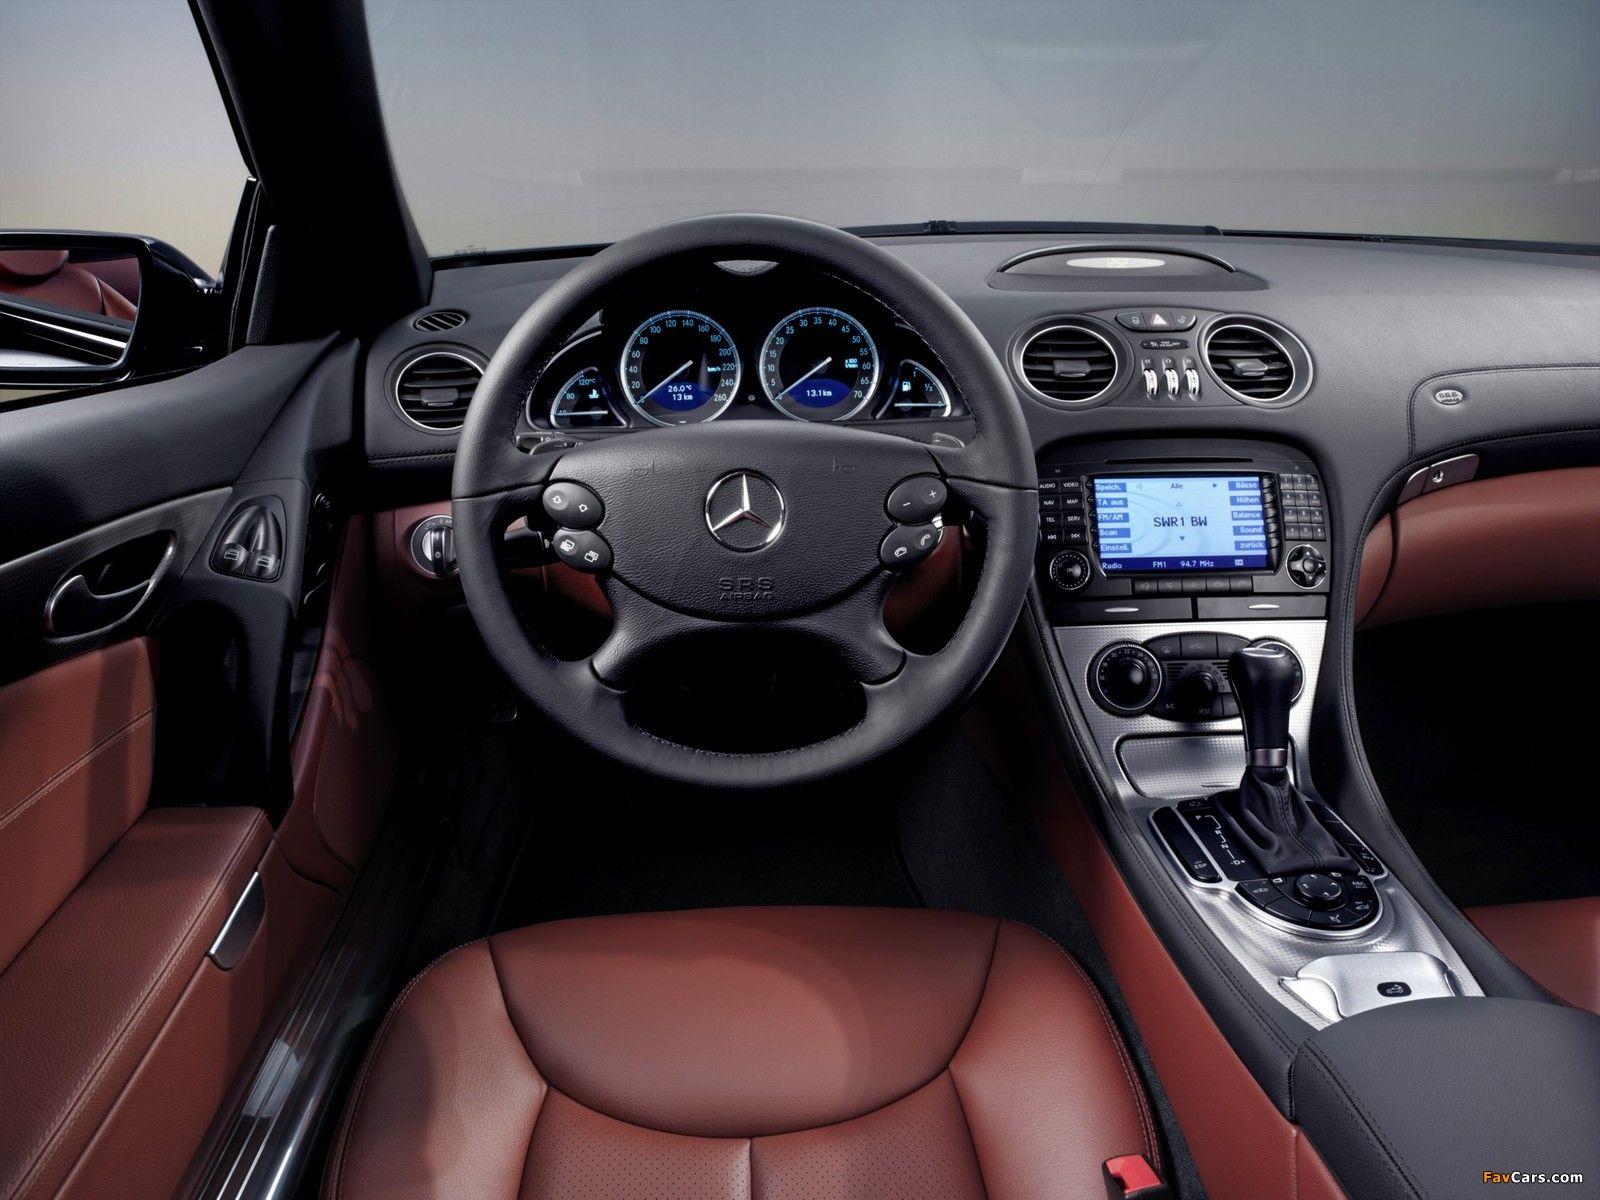 /> 12 Convertible Gasolina ZF Montaje del motor delantero Para Mercedes SL R230 55 5.4 01